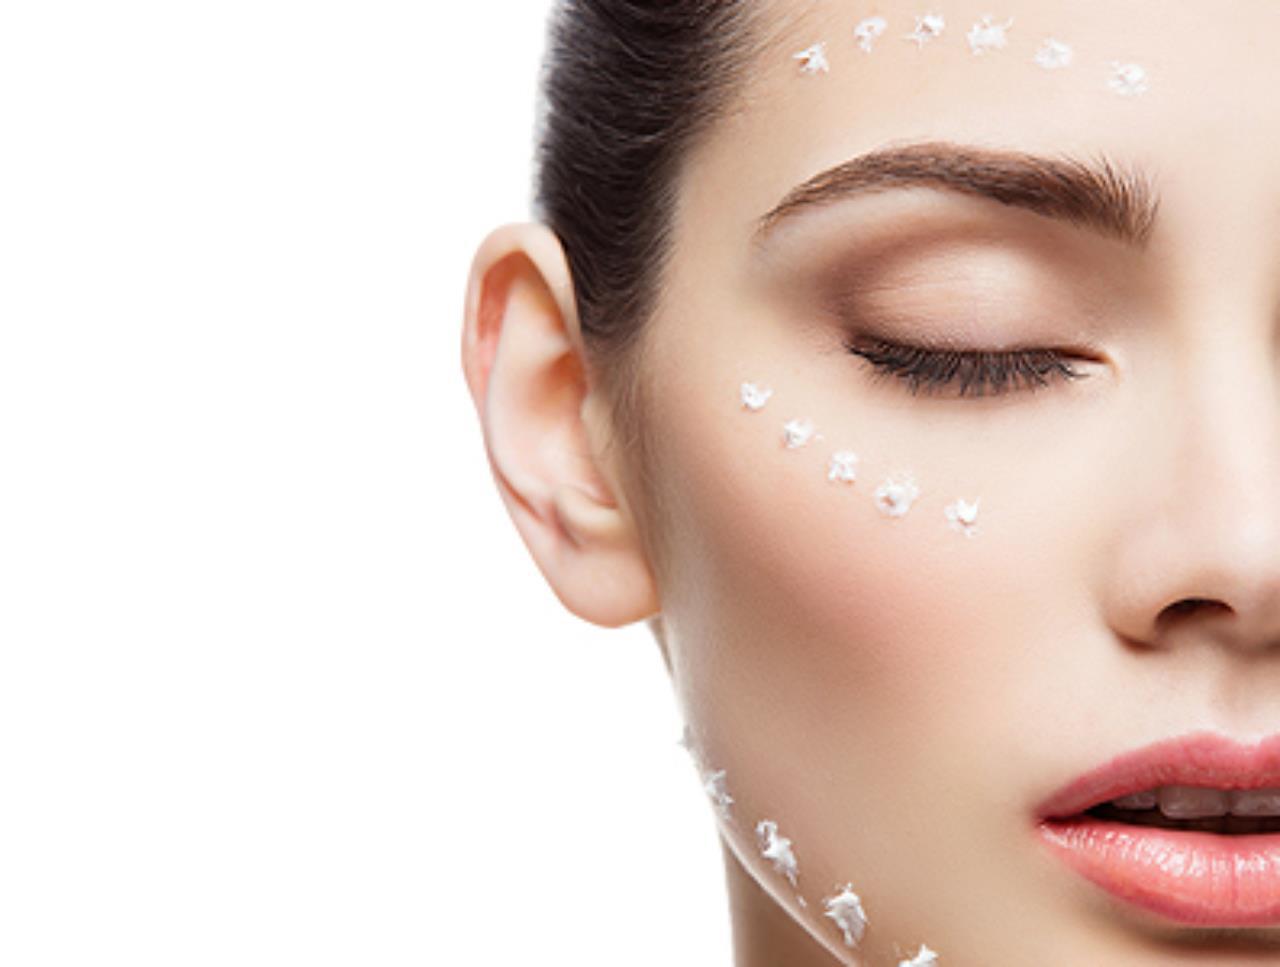 Tẩy da chết bạn cũng nên chăm sóc da bằng các loại tinh dầu tự nhiên